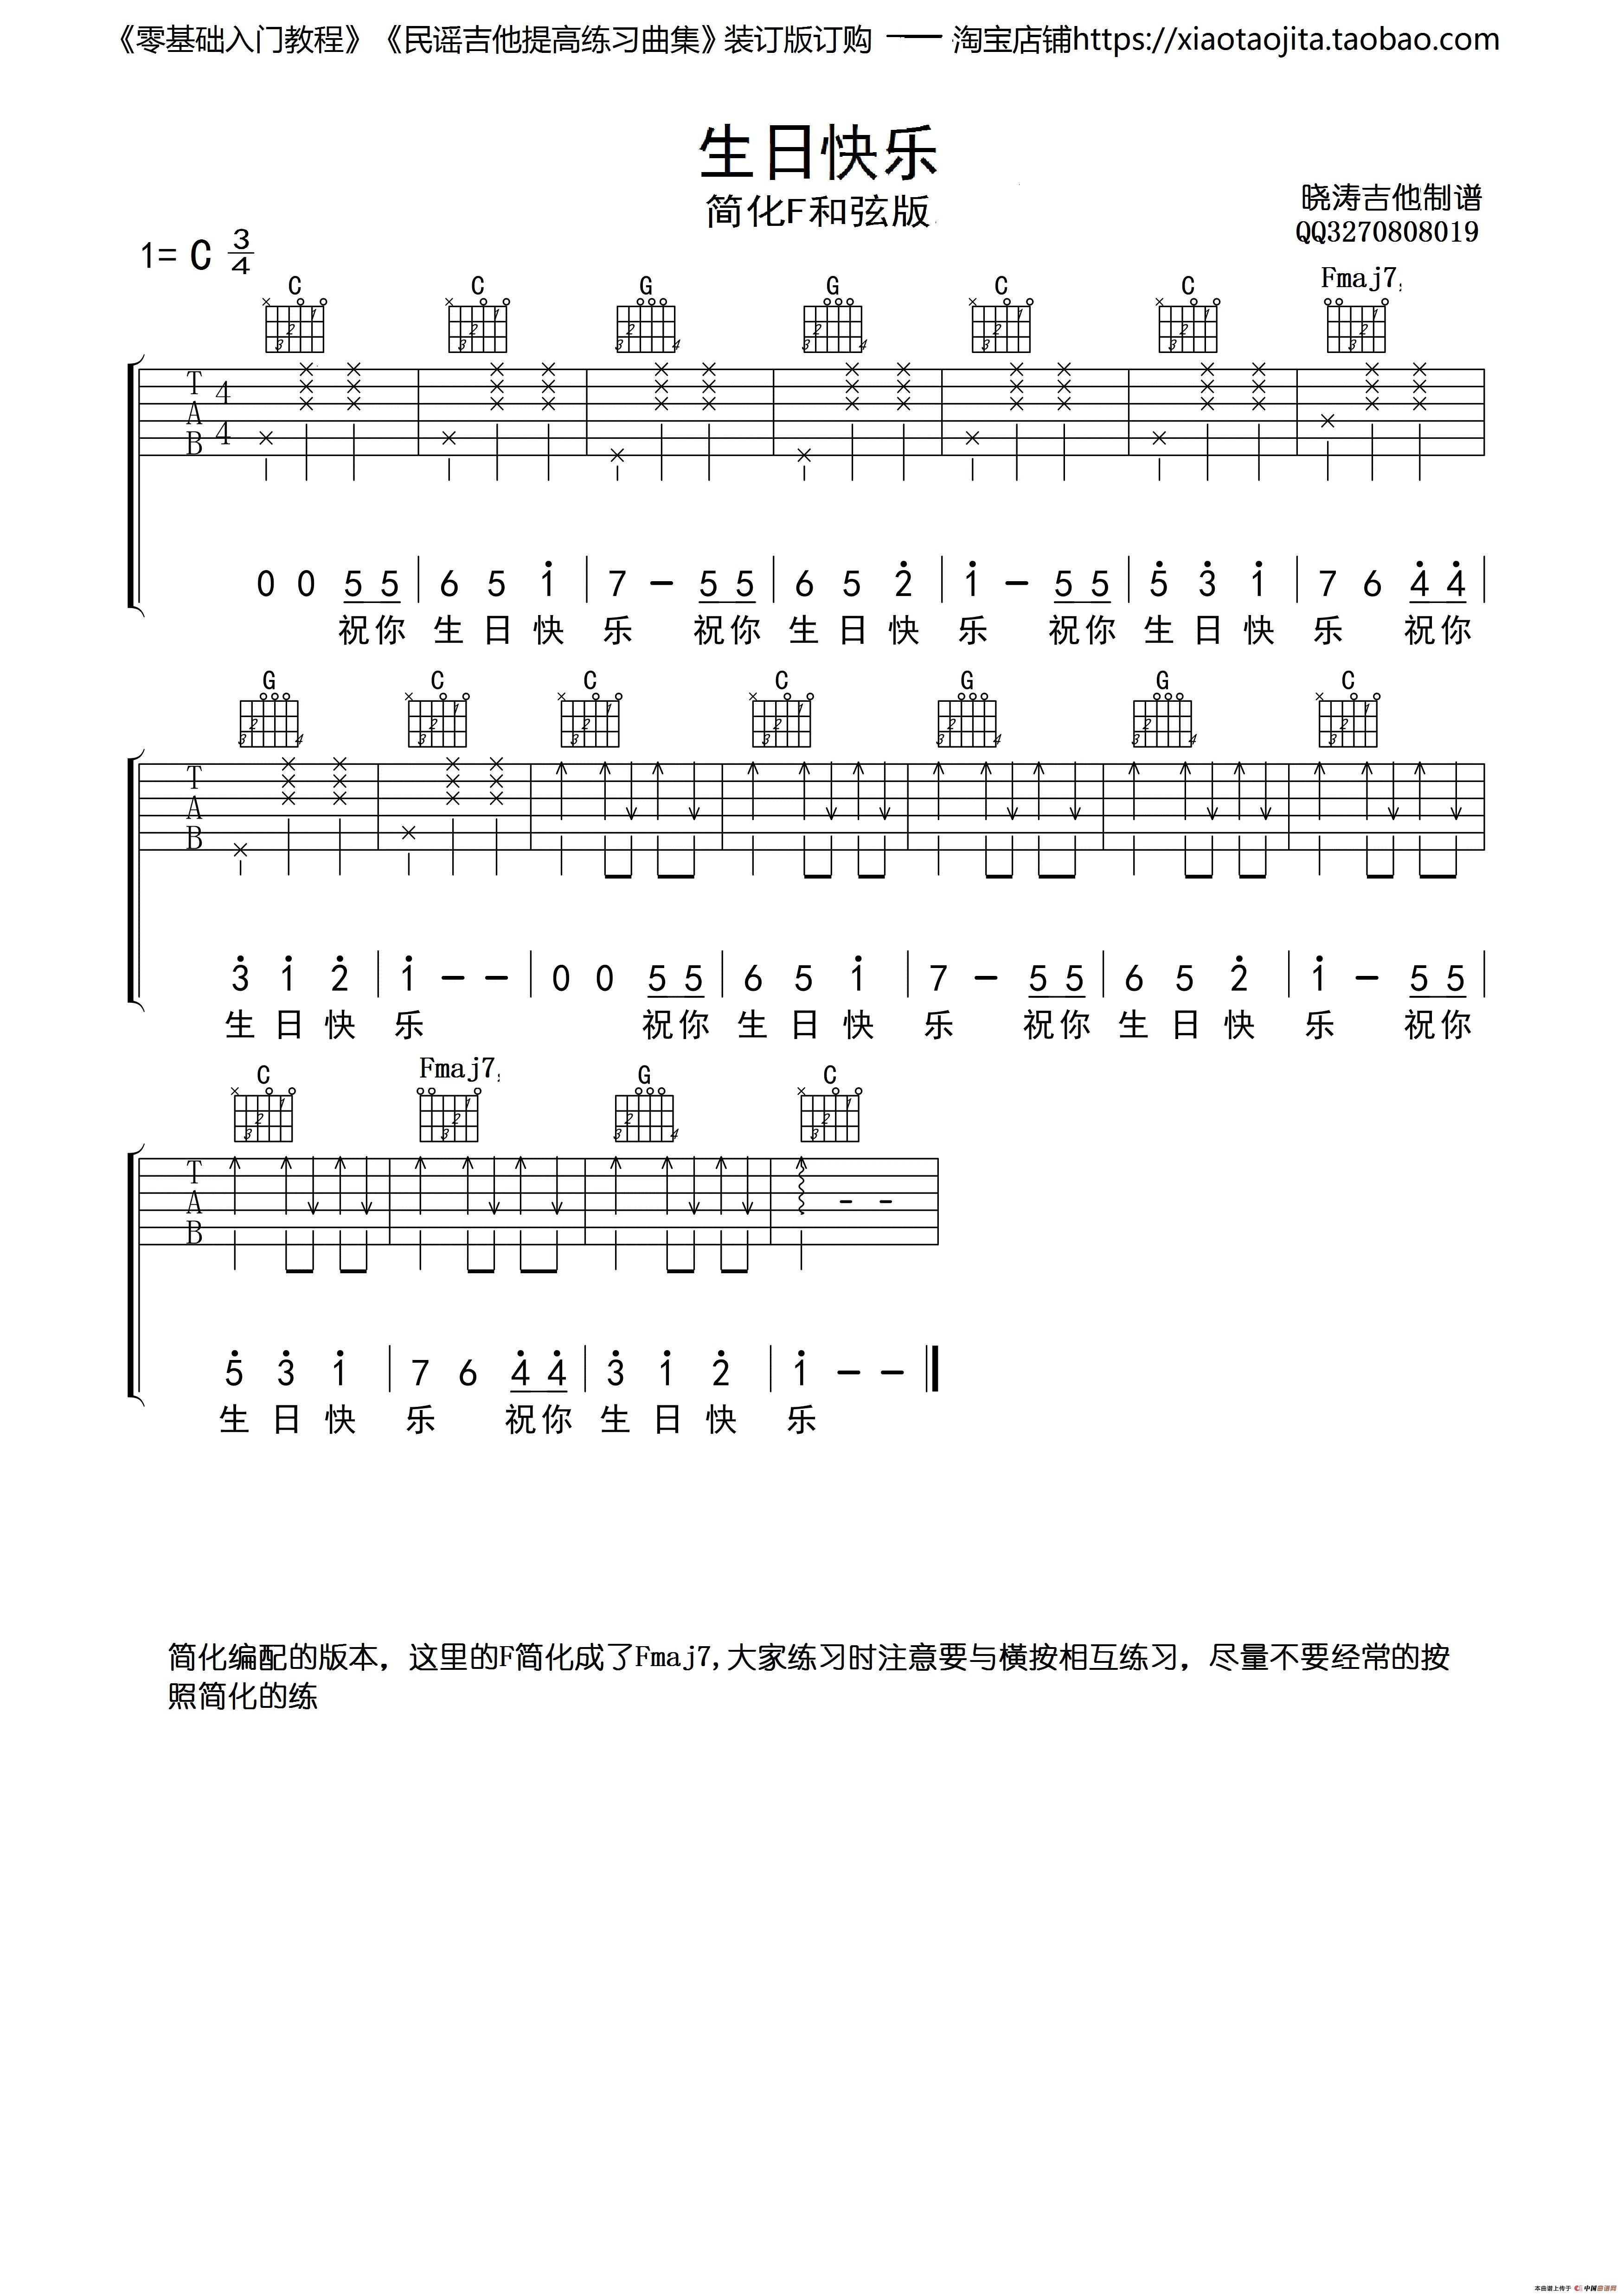 生日快乐简谱 吉他弹唱谱 晓涛吉他个人制谱园地 中国曲谱网